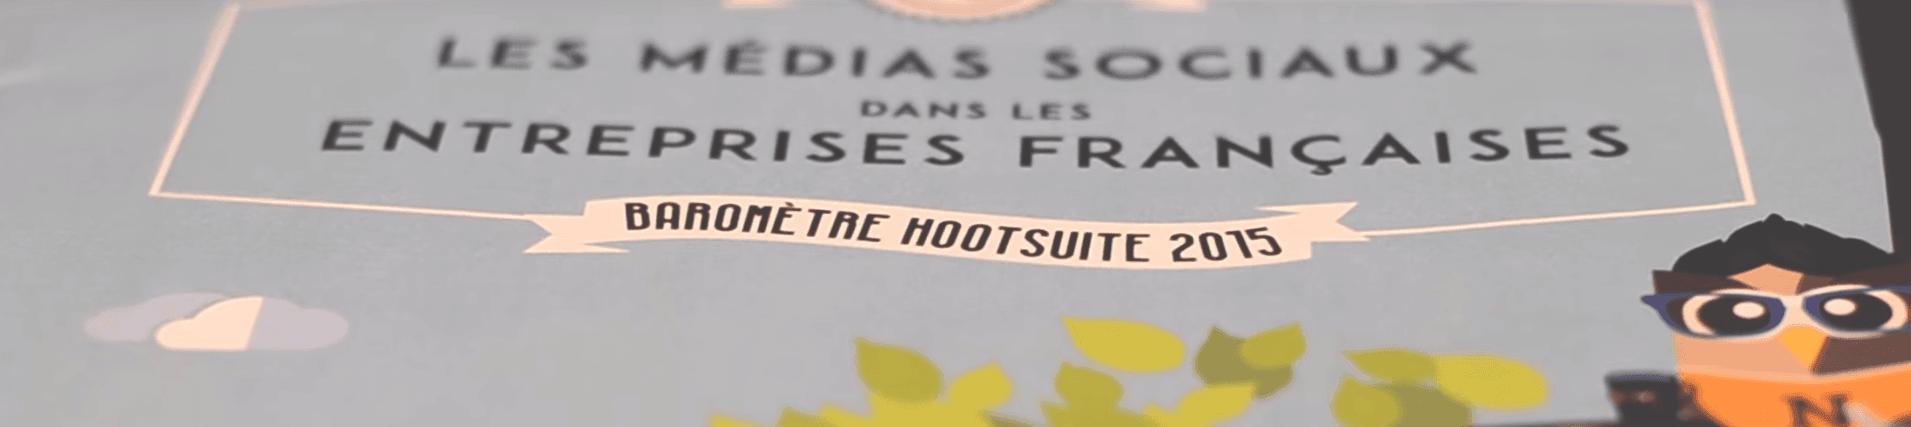 Livre blanc médias sociaux : 4 défis pour 2015